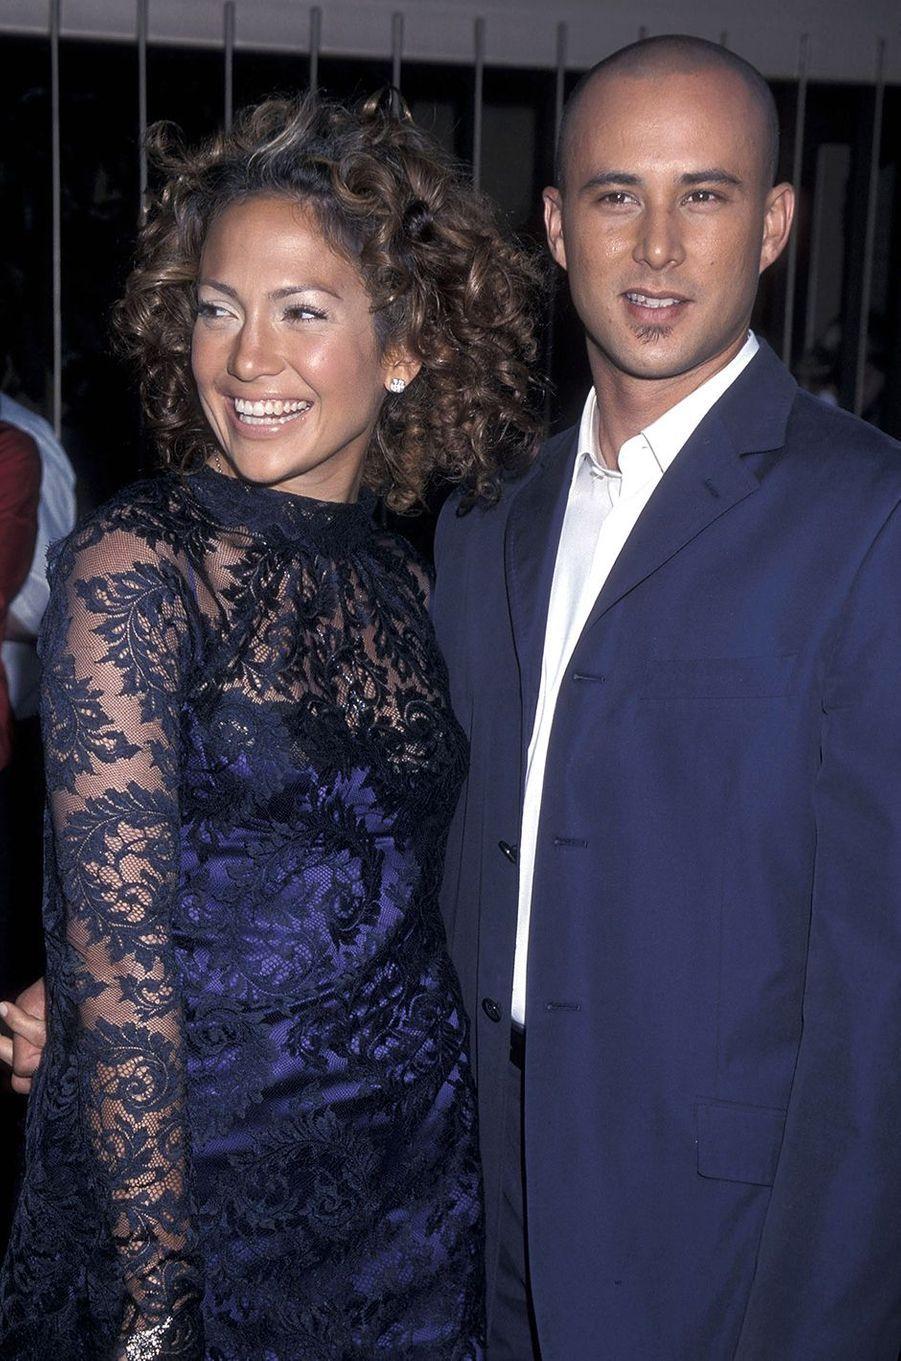 Jennifer Lopez et Cris Judd à la première du film «Angel Eyes» à Hollywood en mai 2001. Le couple a été marié entre 2001 et 2002.